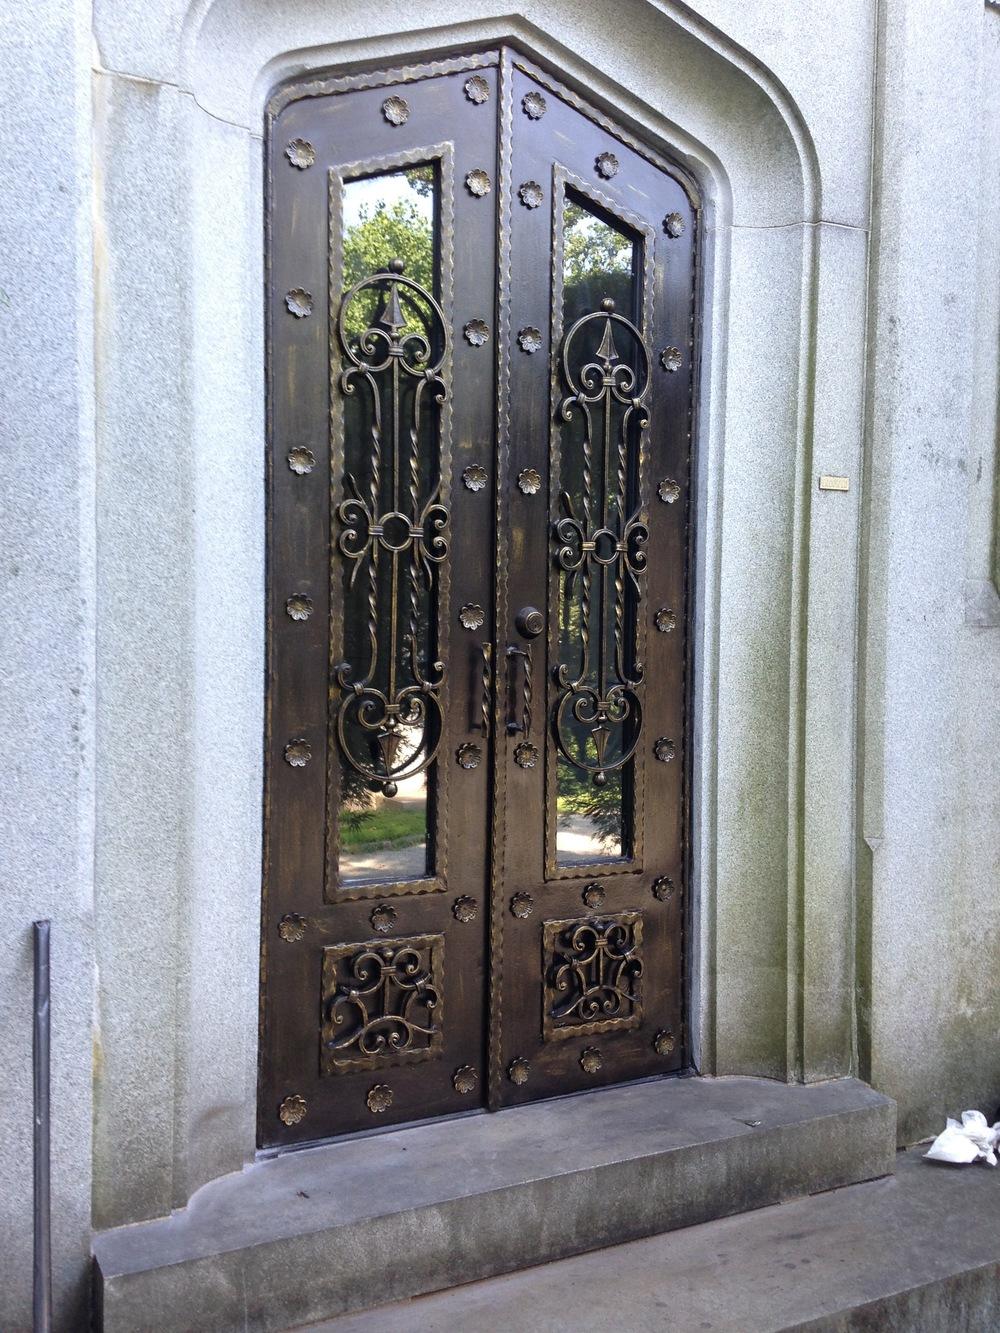 mausoleum doors, Westchester